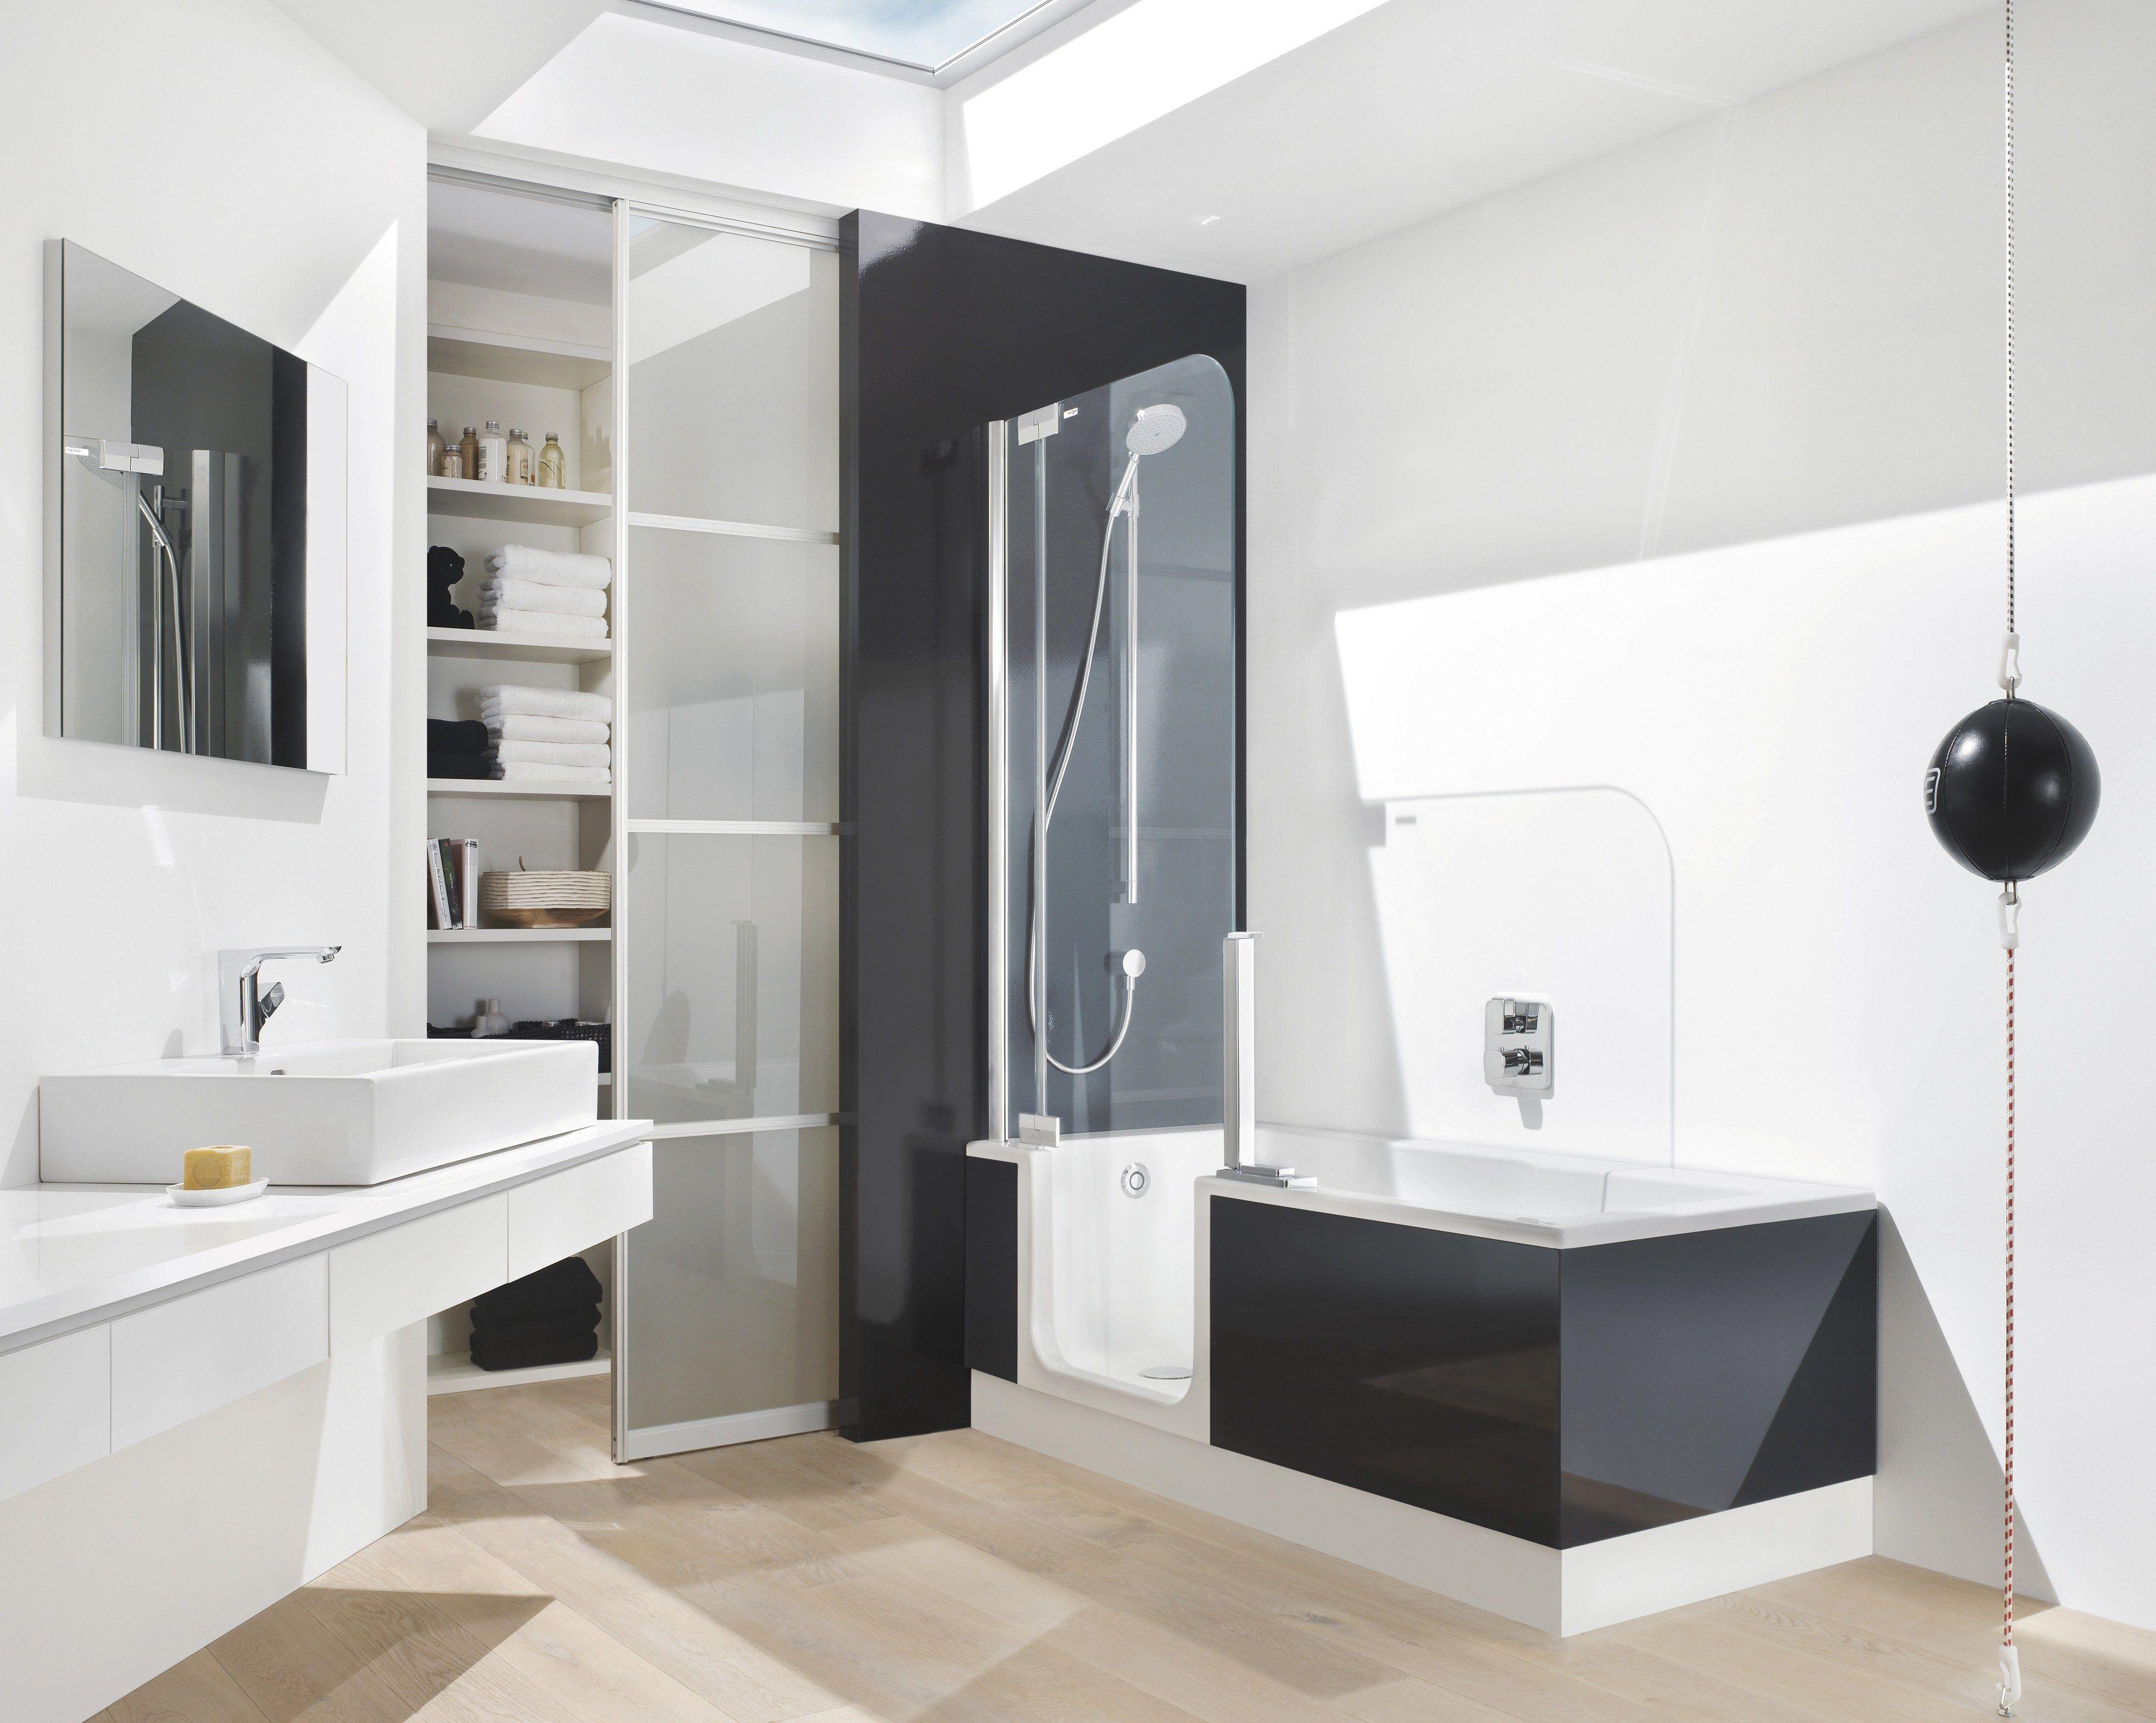 Walk in Tubs and Showers Combo #walkintubs #bathup #modern #bathroom ...